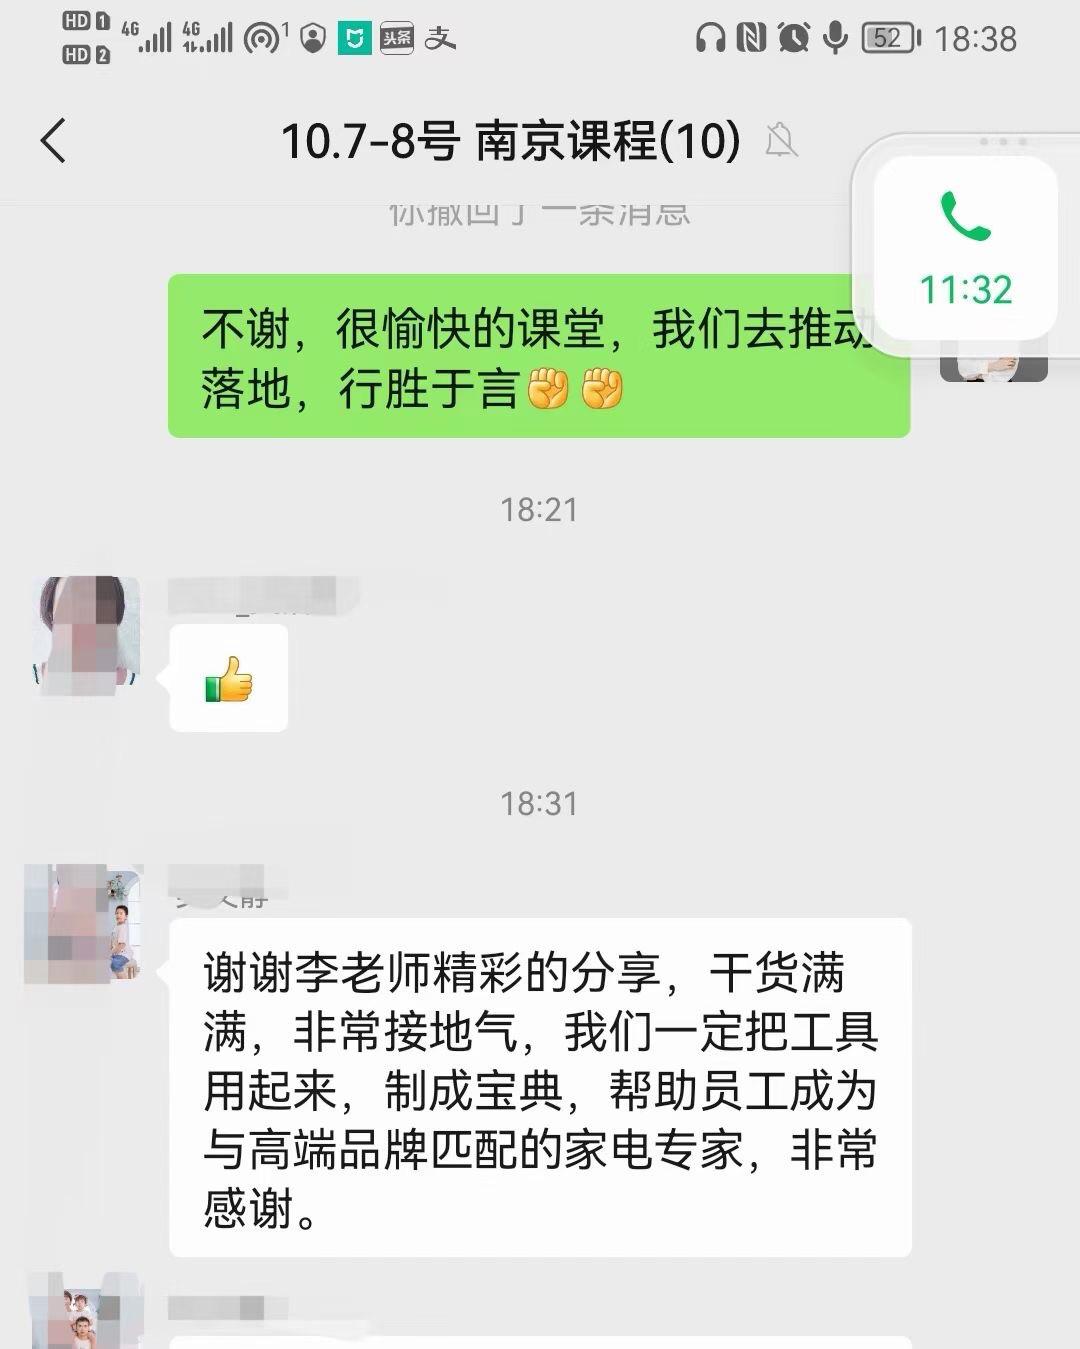 [太阳]服务体系标准化专家李方老师10月7-8日给某大型电器公司讲《电商客服询单转换》